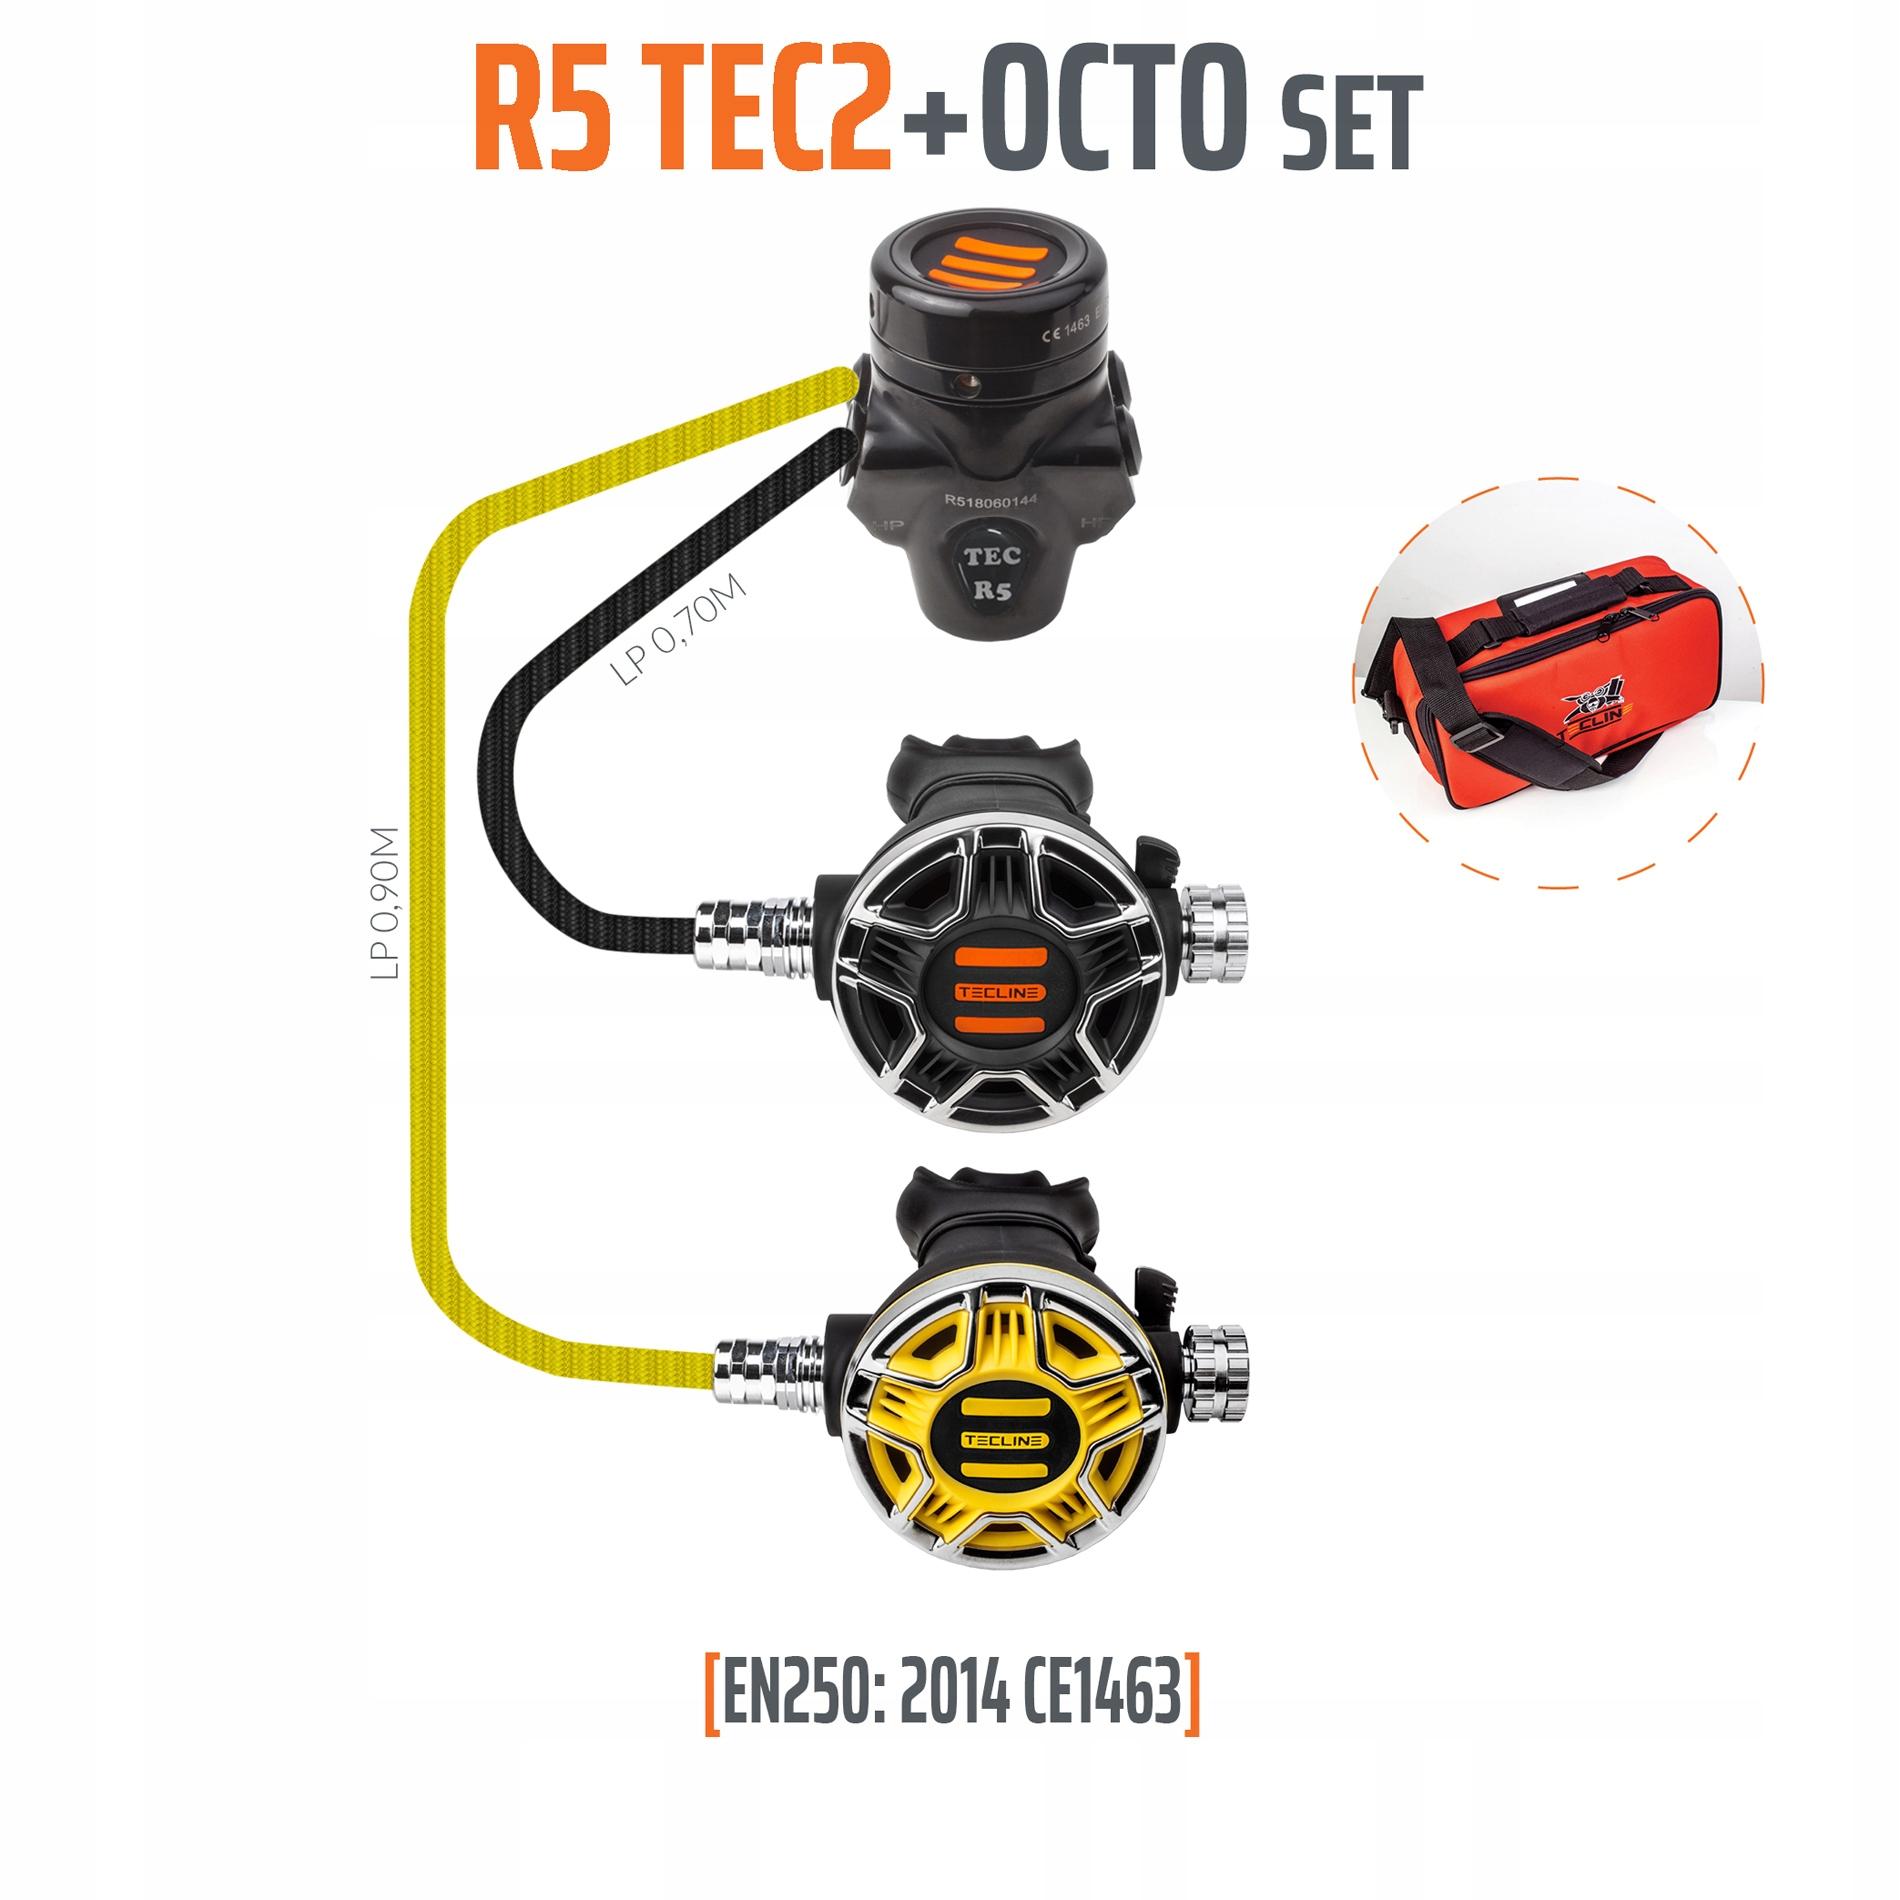 Tecline R5 TEC2 z Octopusem - EN250:2014